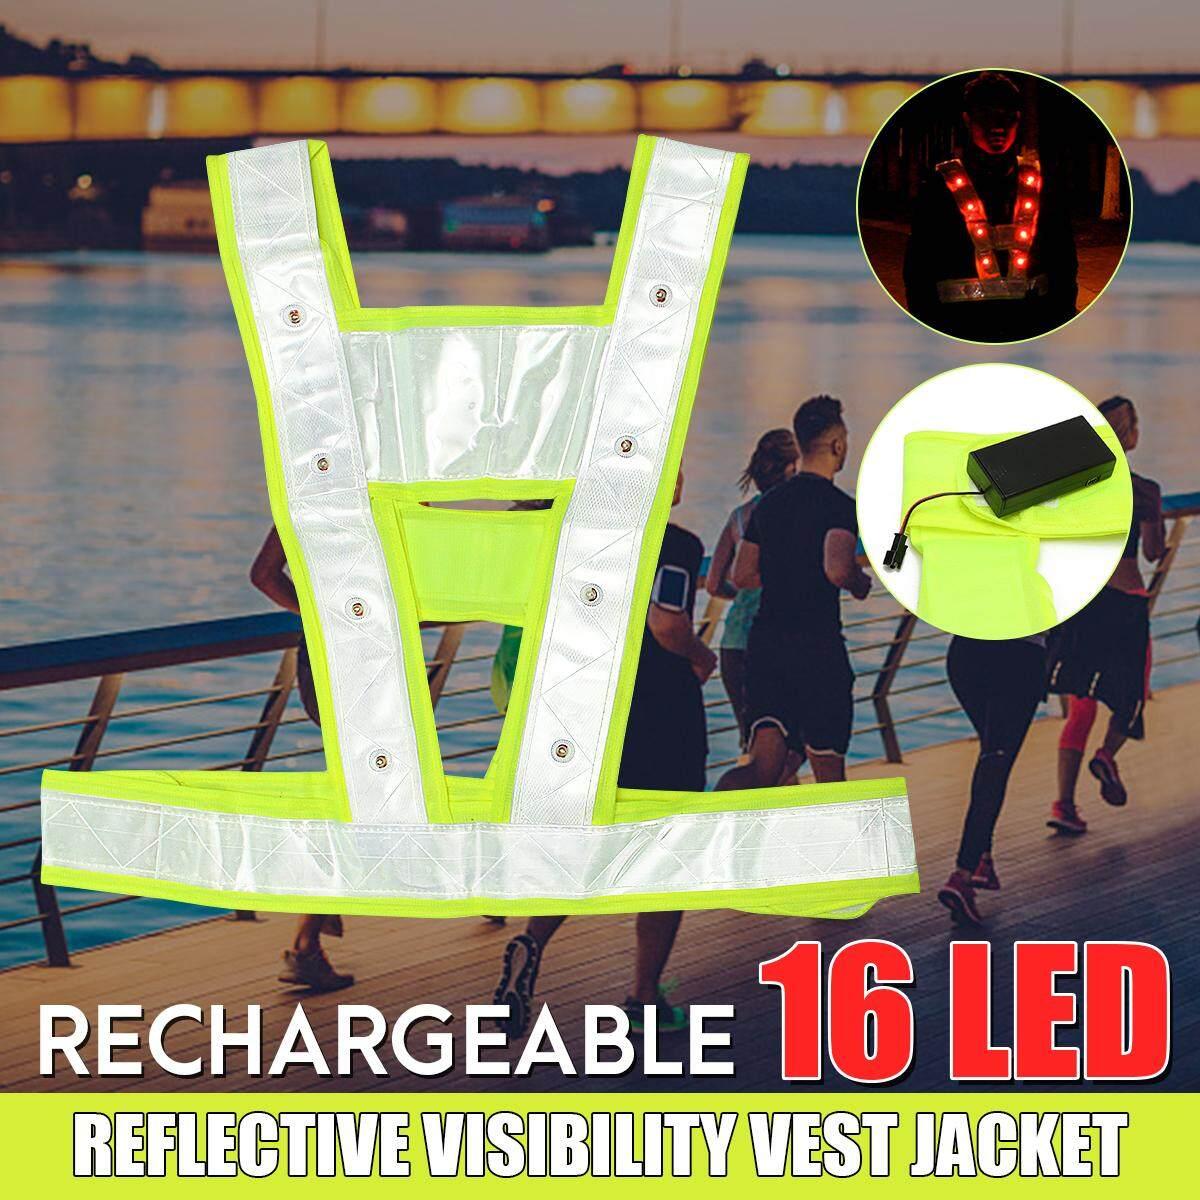 Hi-Viz Rechargeable Reflective Vest Adjustable 16LED Flashing Warning 3 Modes